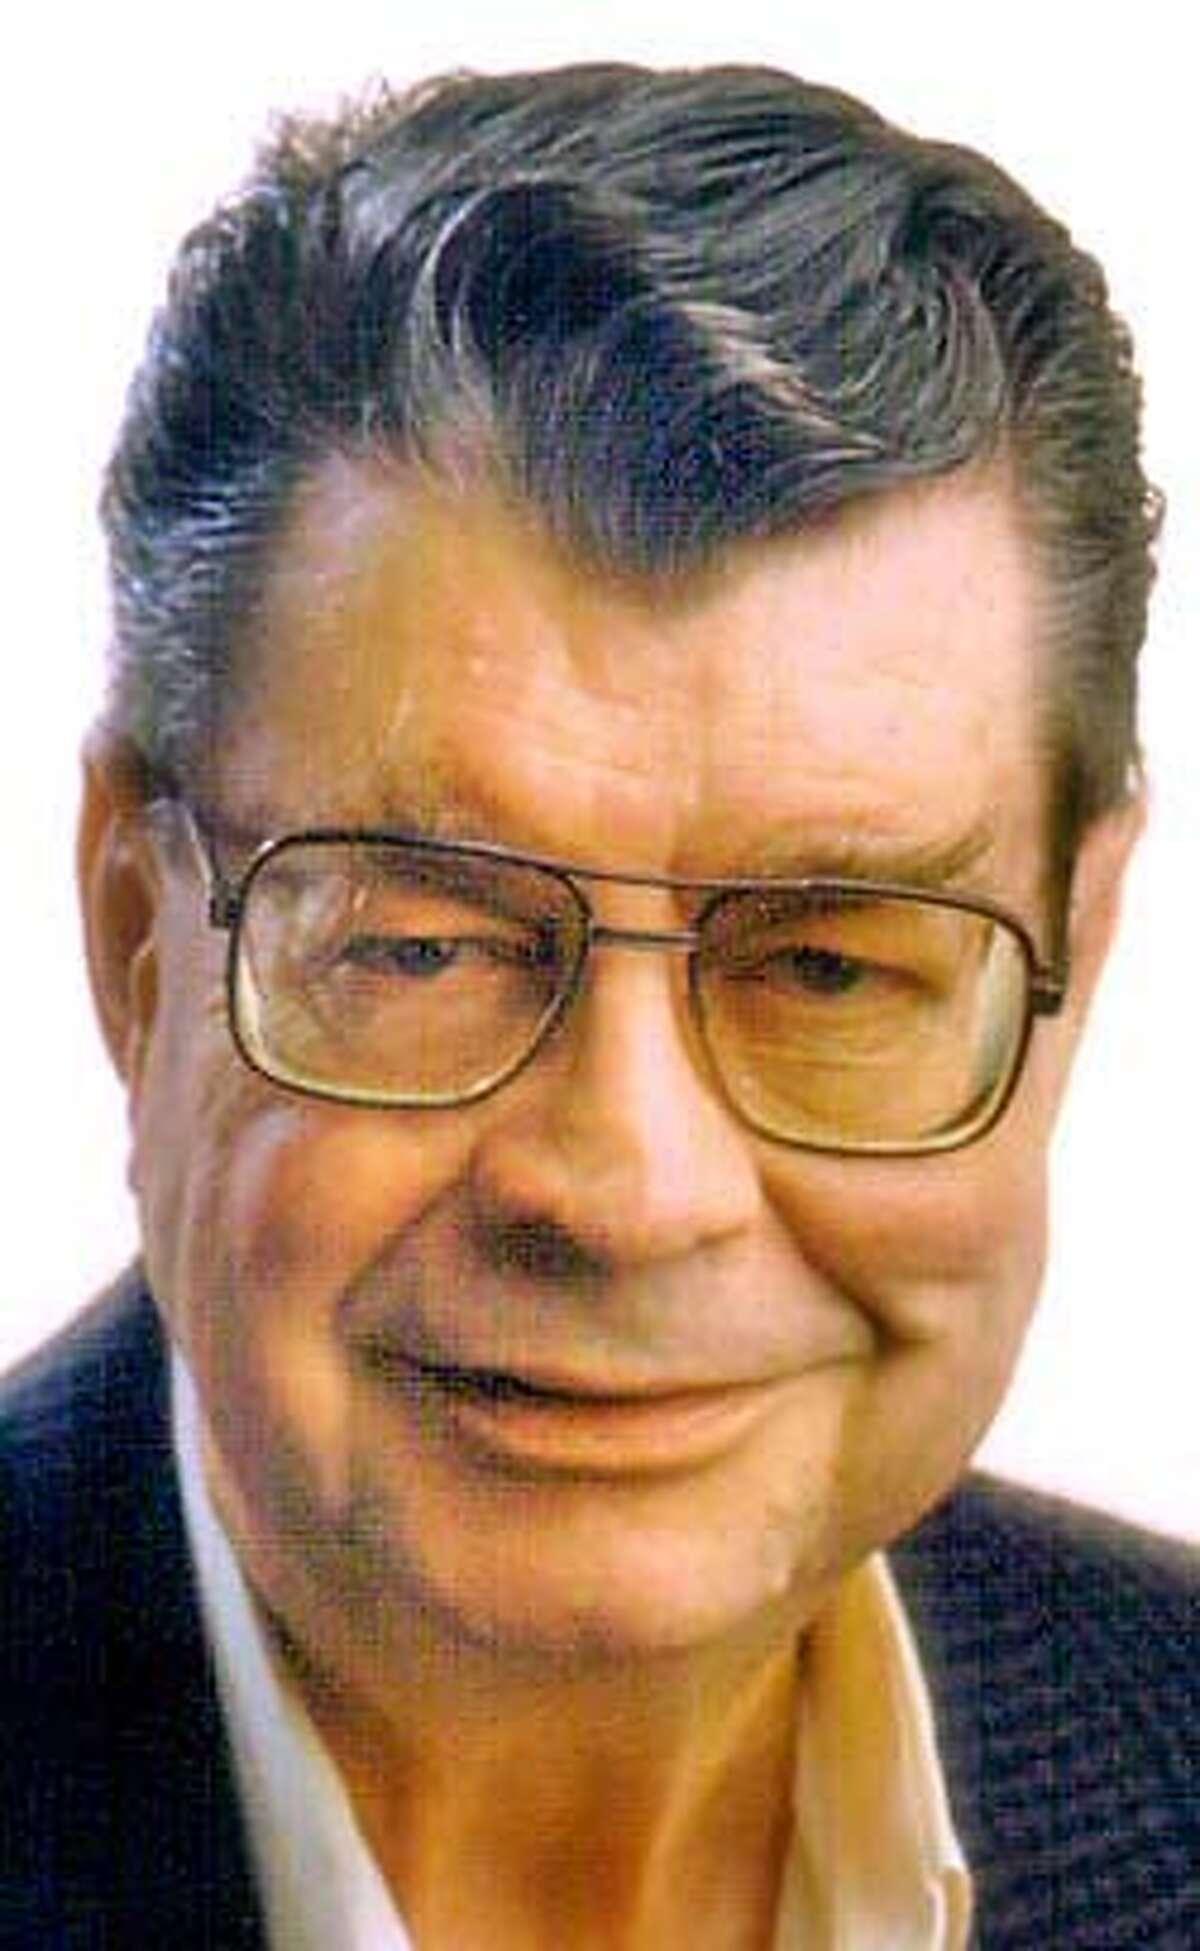 BOYD-C-18DEC00-DD-HO--L.M. Boyd HANDOUT Ran on: 01-28-2007 Ran on: 01-28-2007 Ran on: 01-28-2007